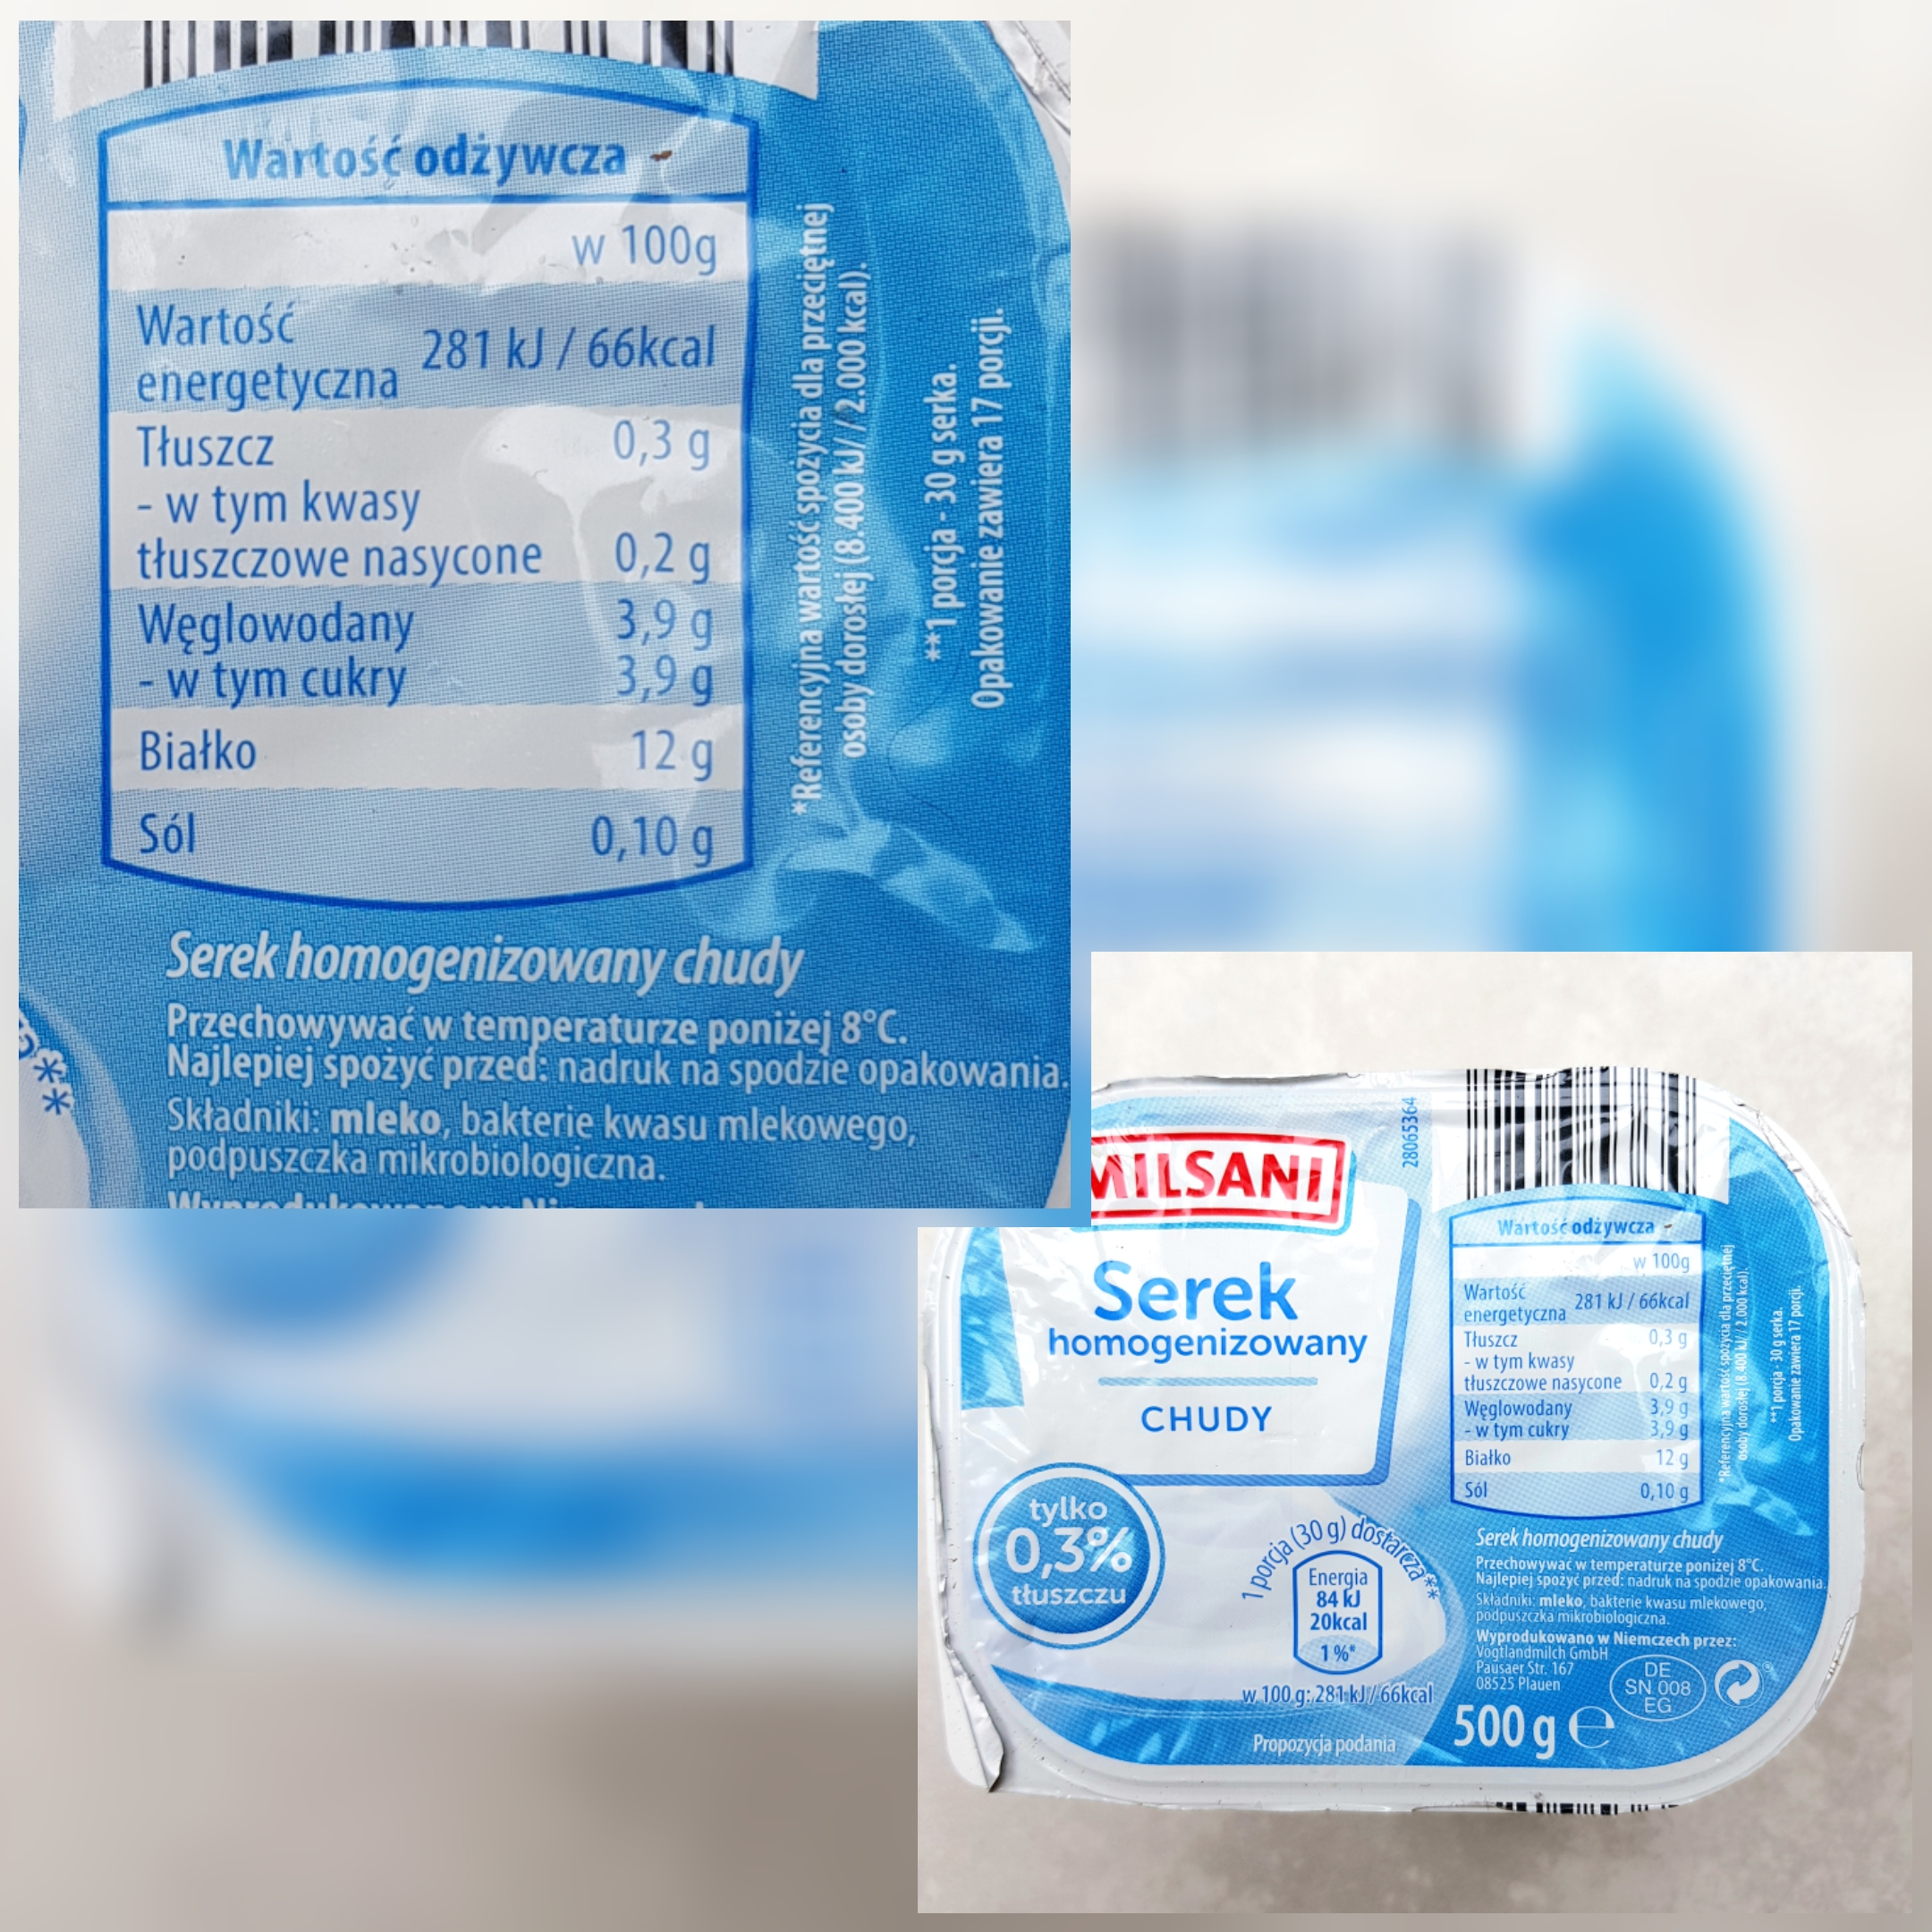 Chudy serek homogenizowany Milsani z Aldi - wartości odżywcze i skład.